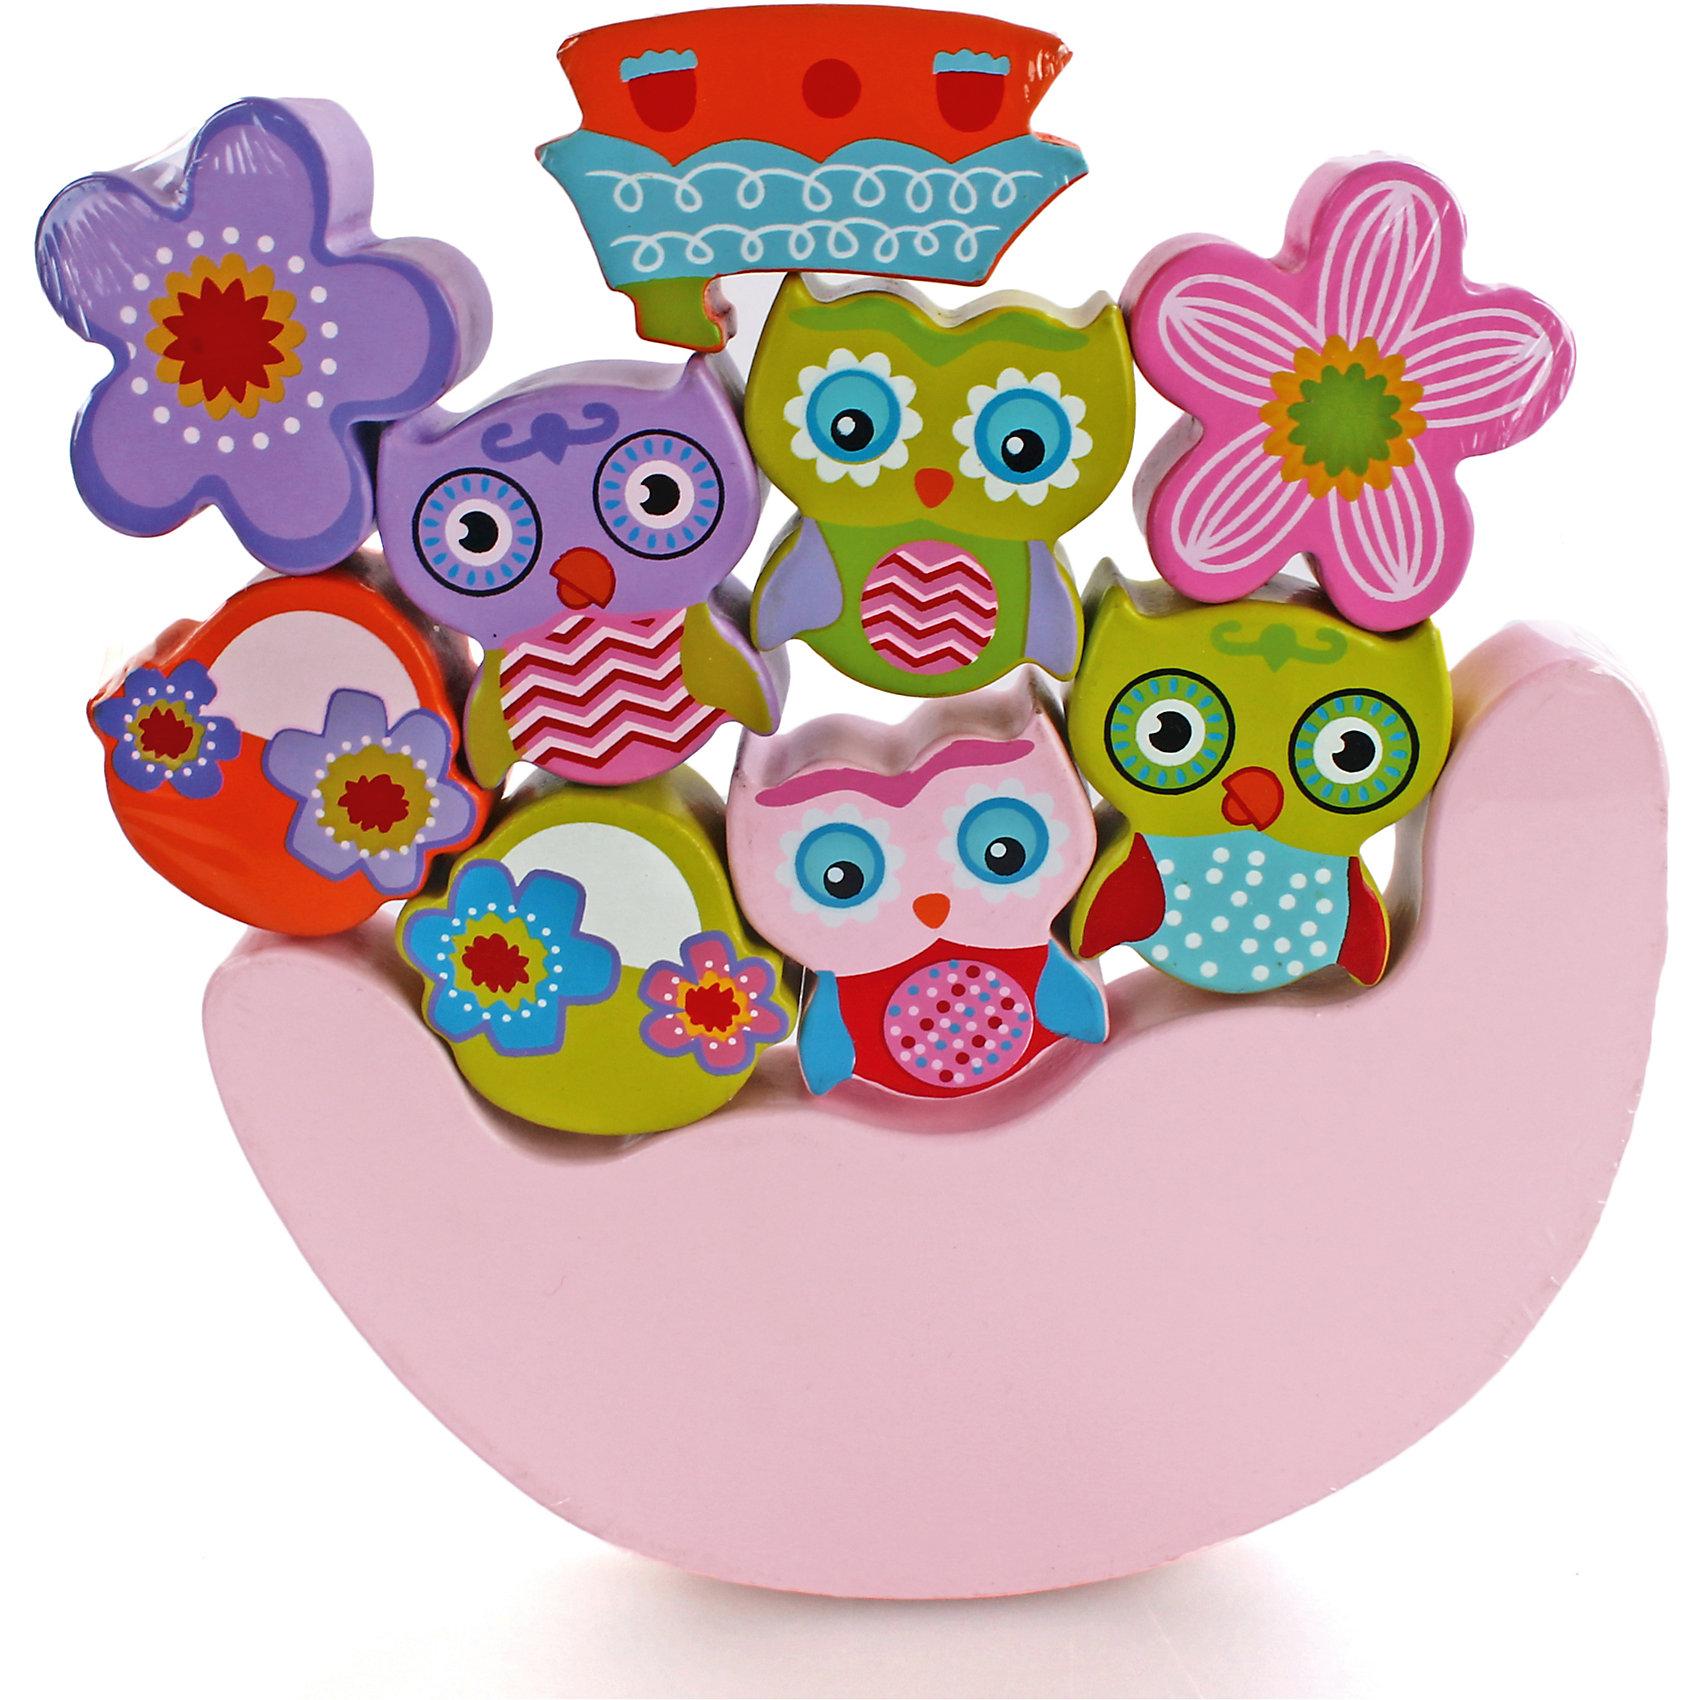 Игра-баланс Совята, MapachaРазвивающие игры<br>Игры для развития – незаменимый помощник для всех мам. Улучшить координацию малыша и развить мелкую моторику способствует новая игрушка «совята», которая понравится даже самым капризным малышам. Основа игрушки – неустойчивая платформа. На нее нужно установить как можно больше игрушек, входящих в комплект, чтобы платформа сохранила баланс и не упала. Цель – установить все 9 игрушек. Материалы, использованные при изготовлении товара, абсолютно безопасны и отвечают всем международным требованиям по качеству.<br><br>Дополнительные характеристики:<br><br>материал: натуральное дерево;<br>цвет: разноцветный;<br>габариты: 21 х 19 см;<br>количество: 9 фигурок.<br><br>Игру-баланс Совята от компании Mapacha можно приобрести в нашем магазине.<br><br>Ширина мм: 430<br>Глубина мм: 485<br>Высота мм: 275<br>Вес г: 700<br>Возраст от месяцев: 12<br>Возраст до месяцев: 36<br>Пол: Унисекс<br>Возраст: Детский<br>SKU: 5032493